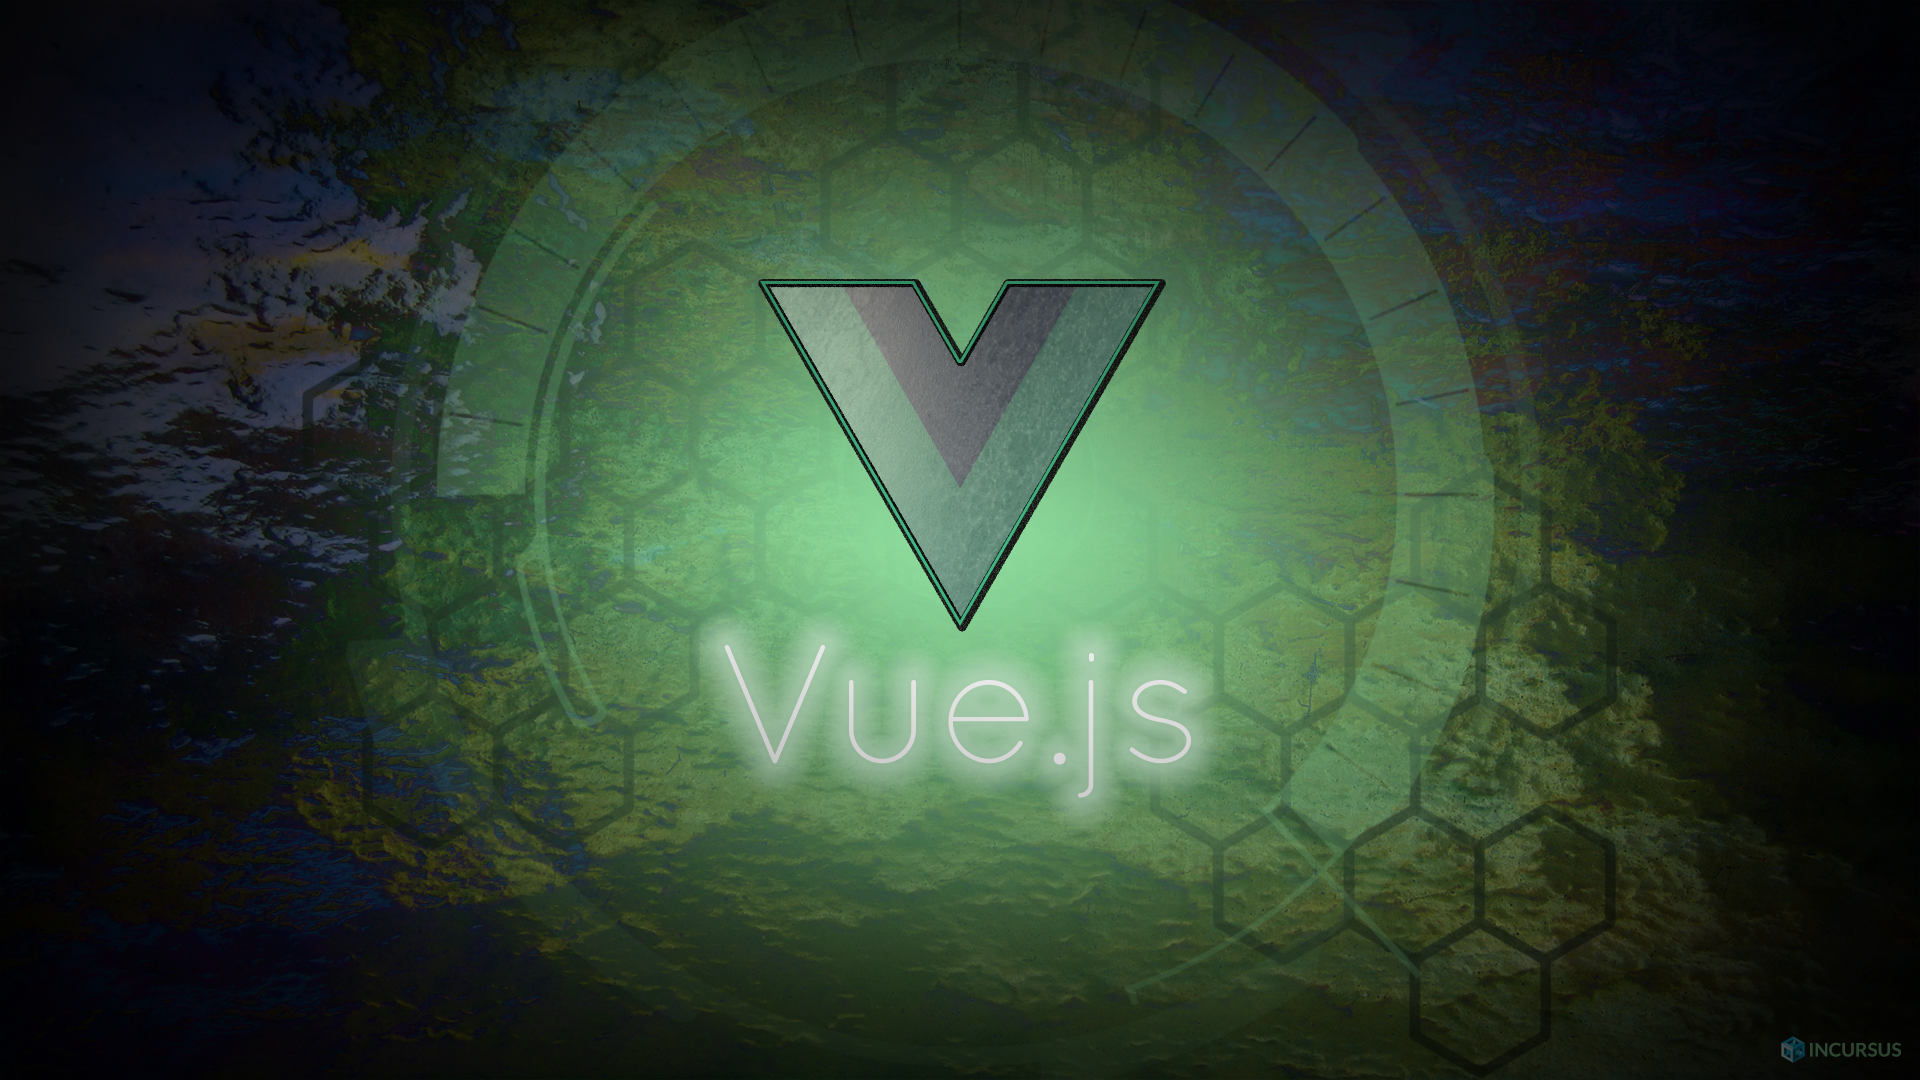 VueJS web framework